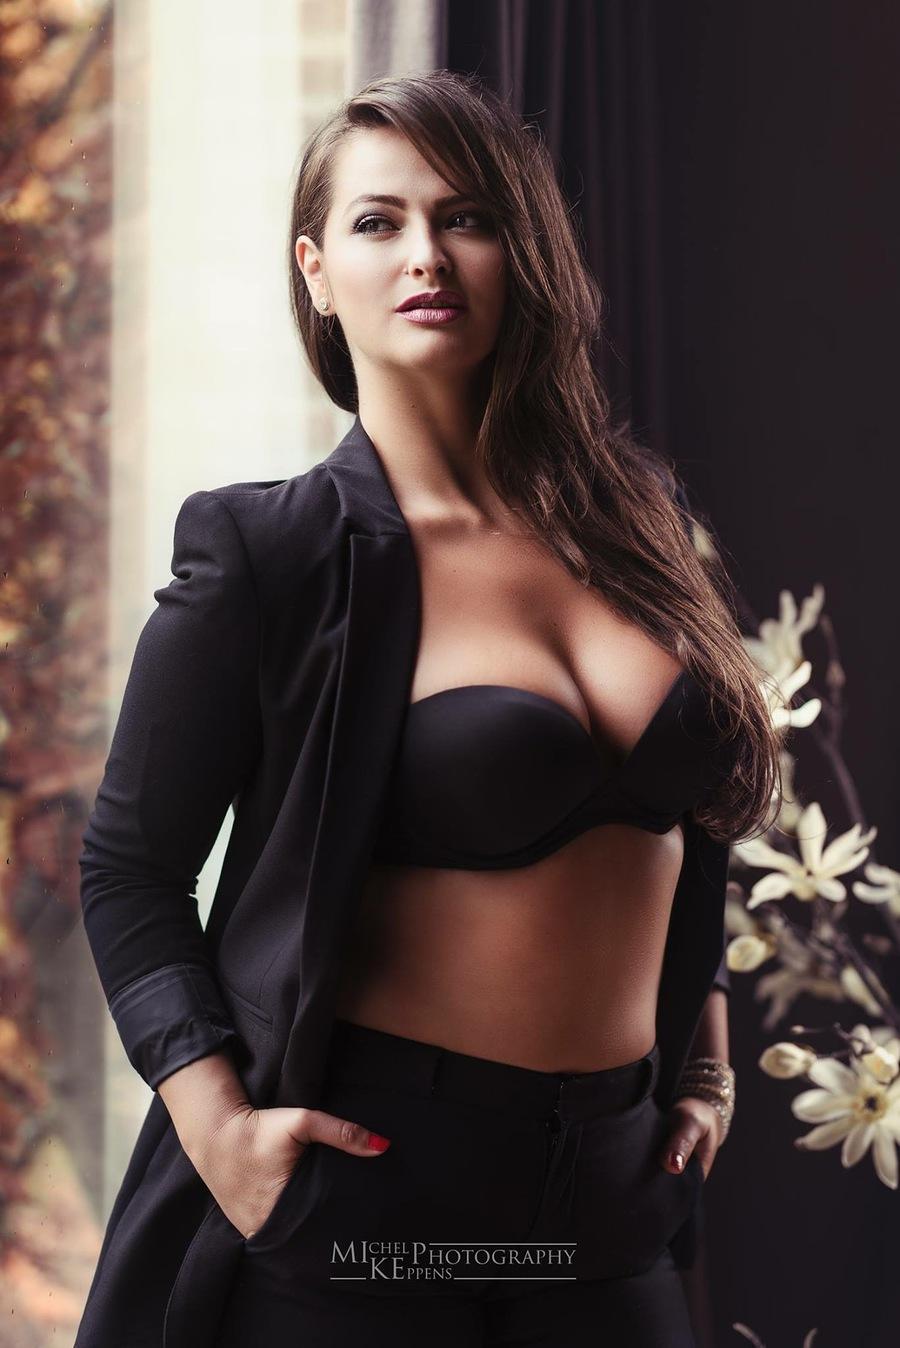 Model Adela Lupse / Uploaded 26th September 2016 @ 09:58 PM